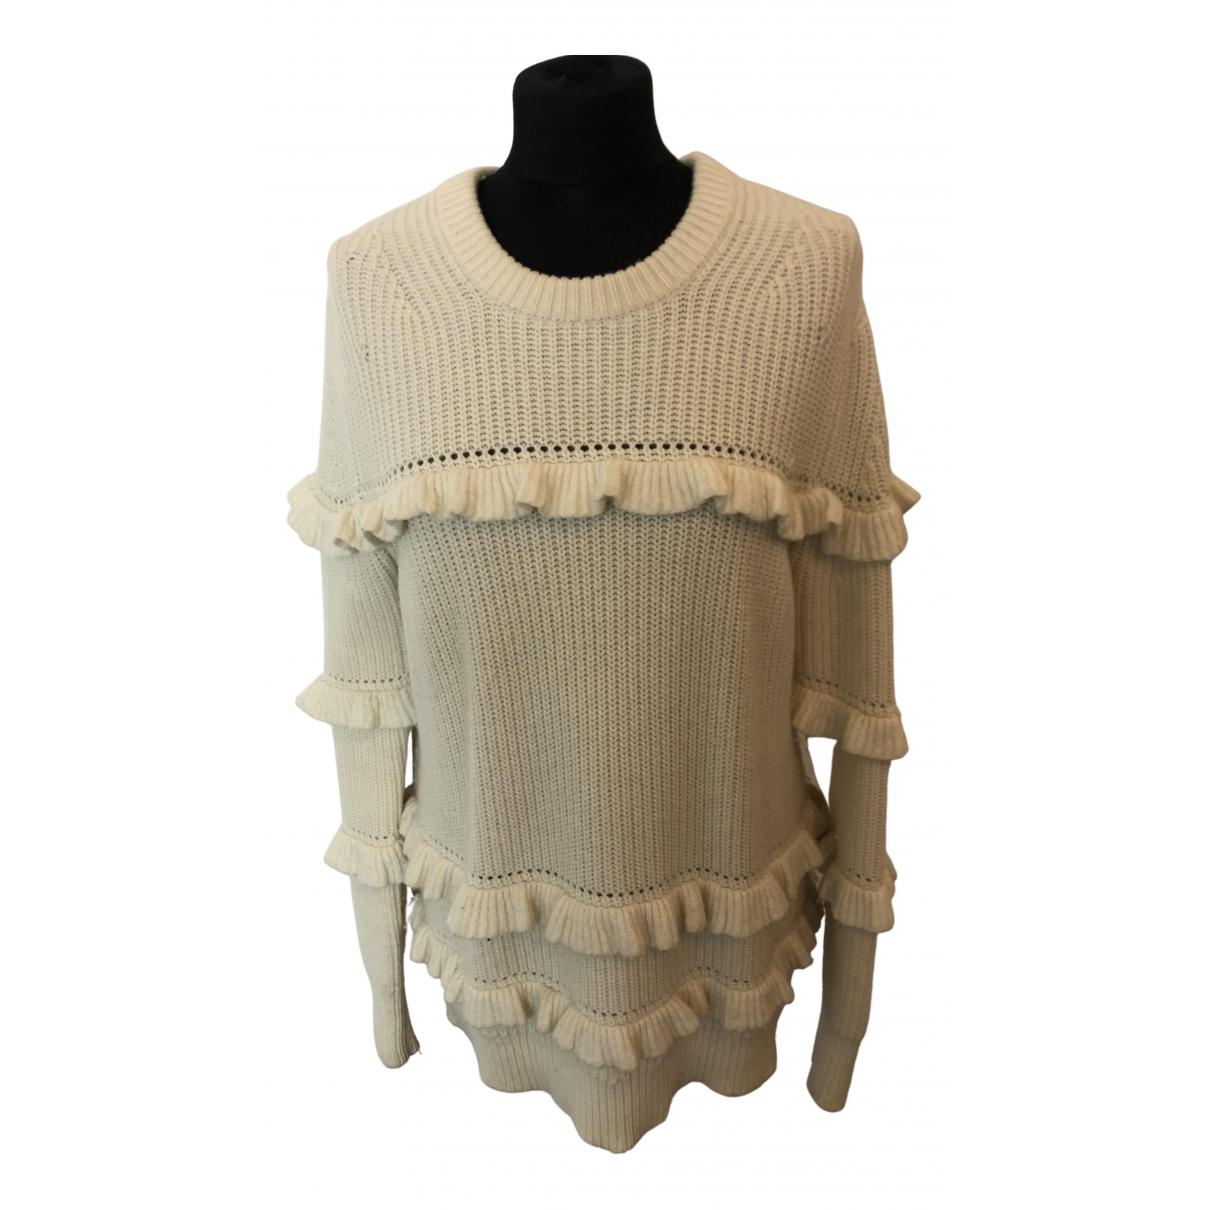 Michael Kors - Pull   pour femme en laine - blanc